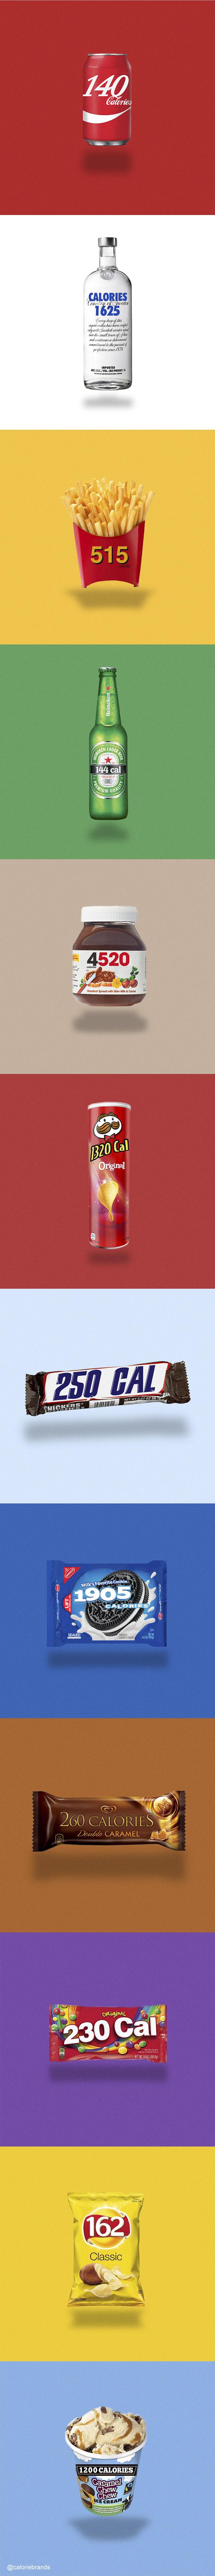 productos-alimentacion-honestos-caloriebrands